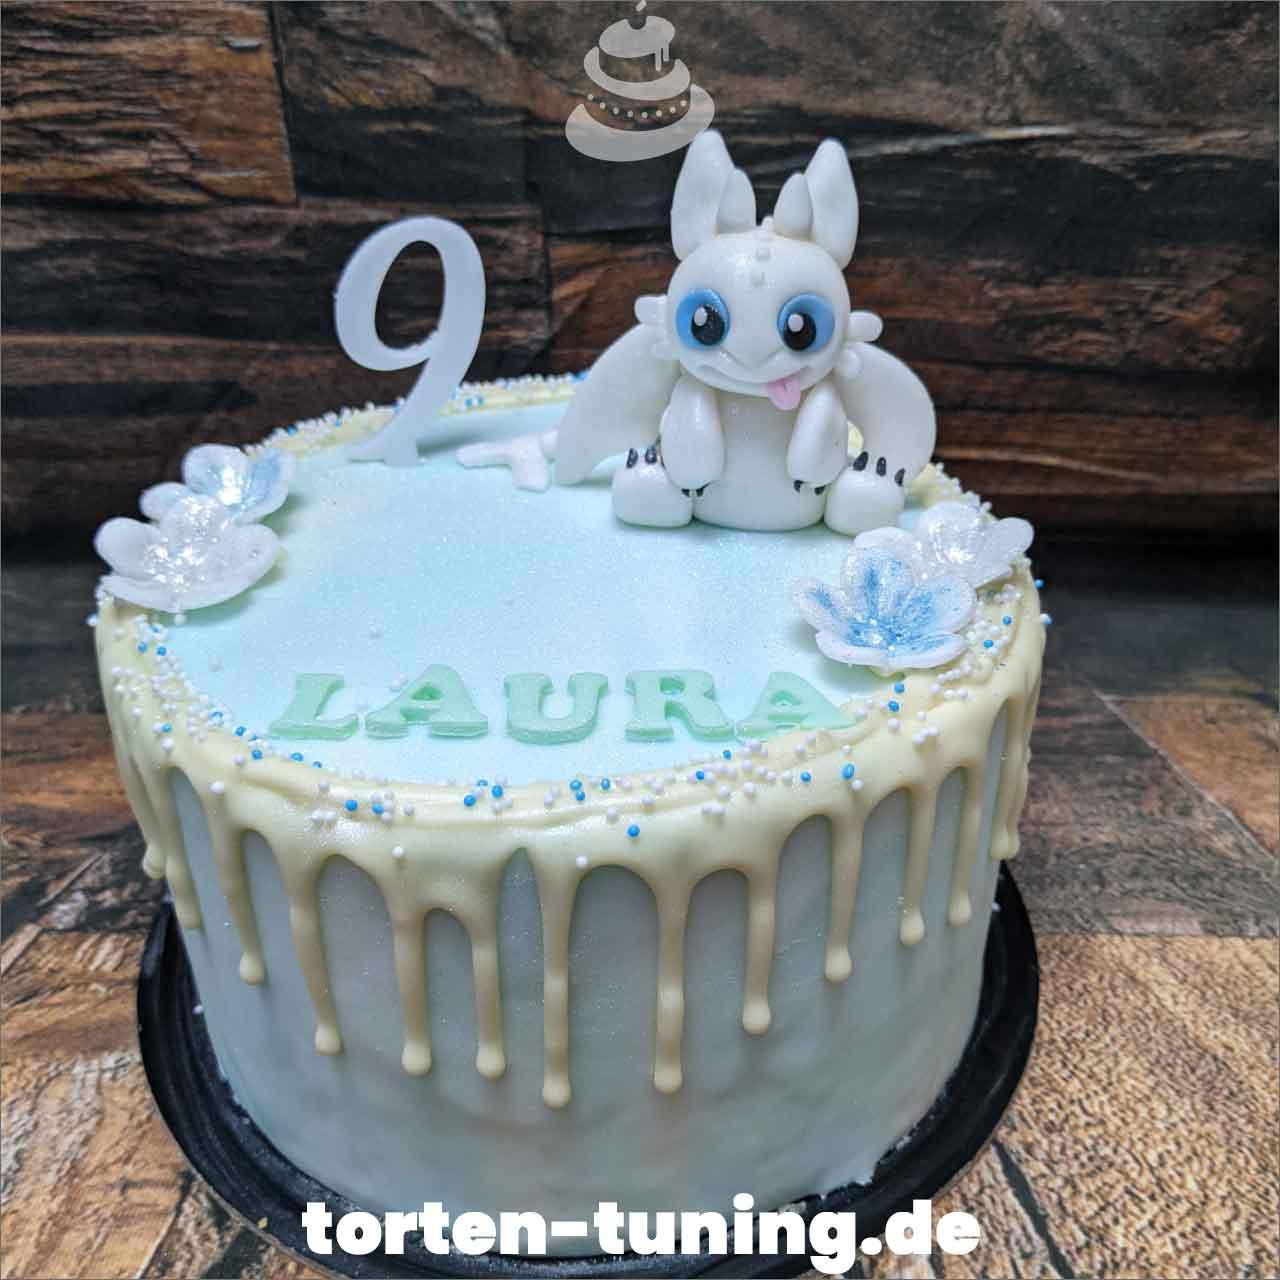 Tagschatten Dripcake Obsttorte Geburtstagstorte Motivtorte Torte Tortendekoration Torte online bestellen Suhl Thüringen Torten Tuning Sahnetorte Tortenfiguren Cake Topper